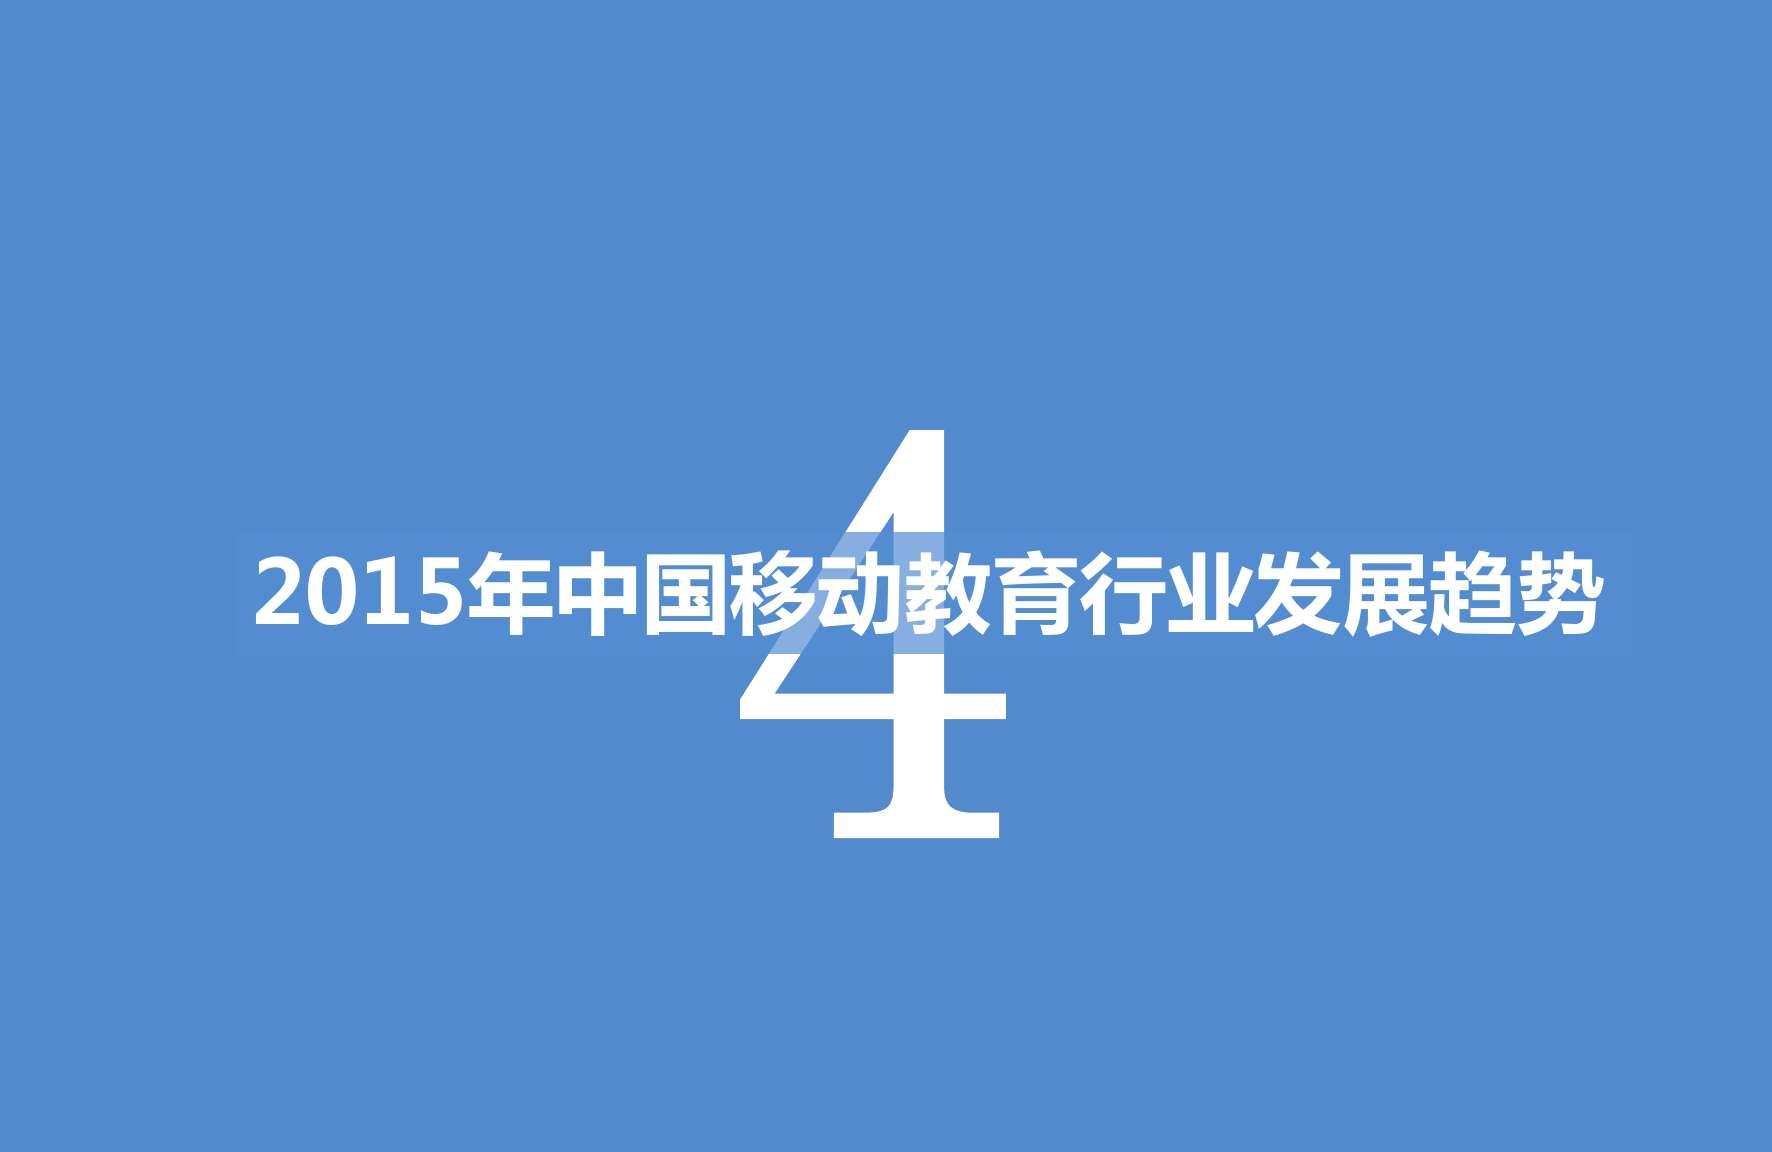 2015-2016年中国移动教育市场研究报告_000032